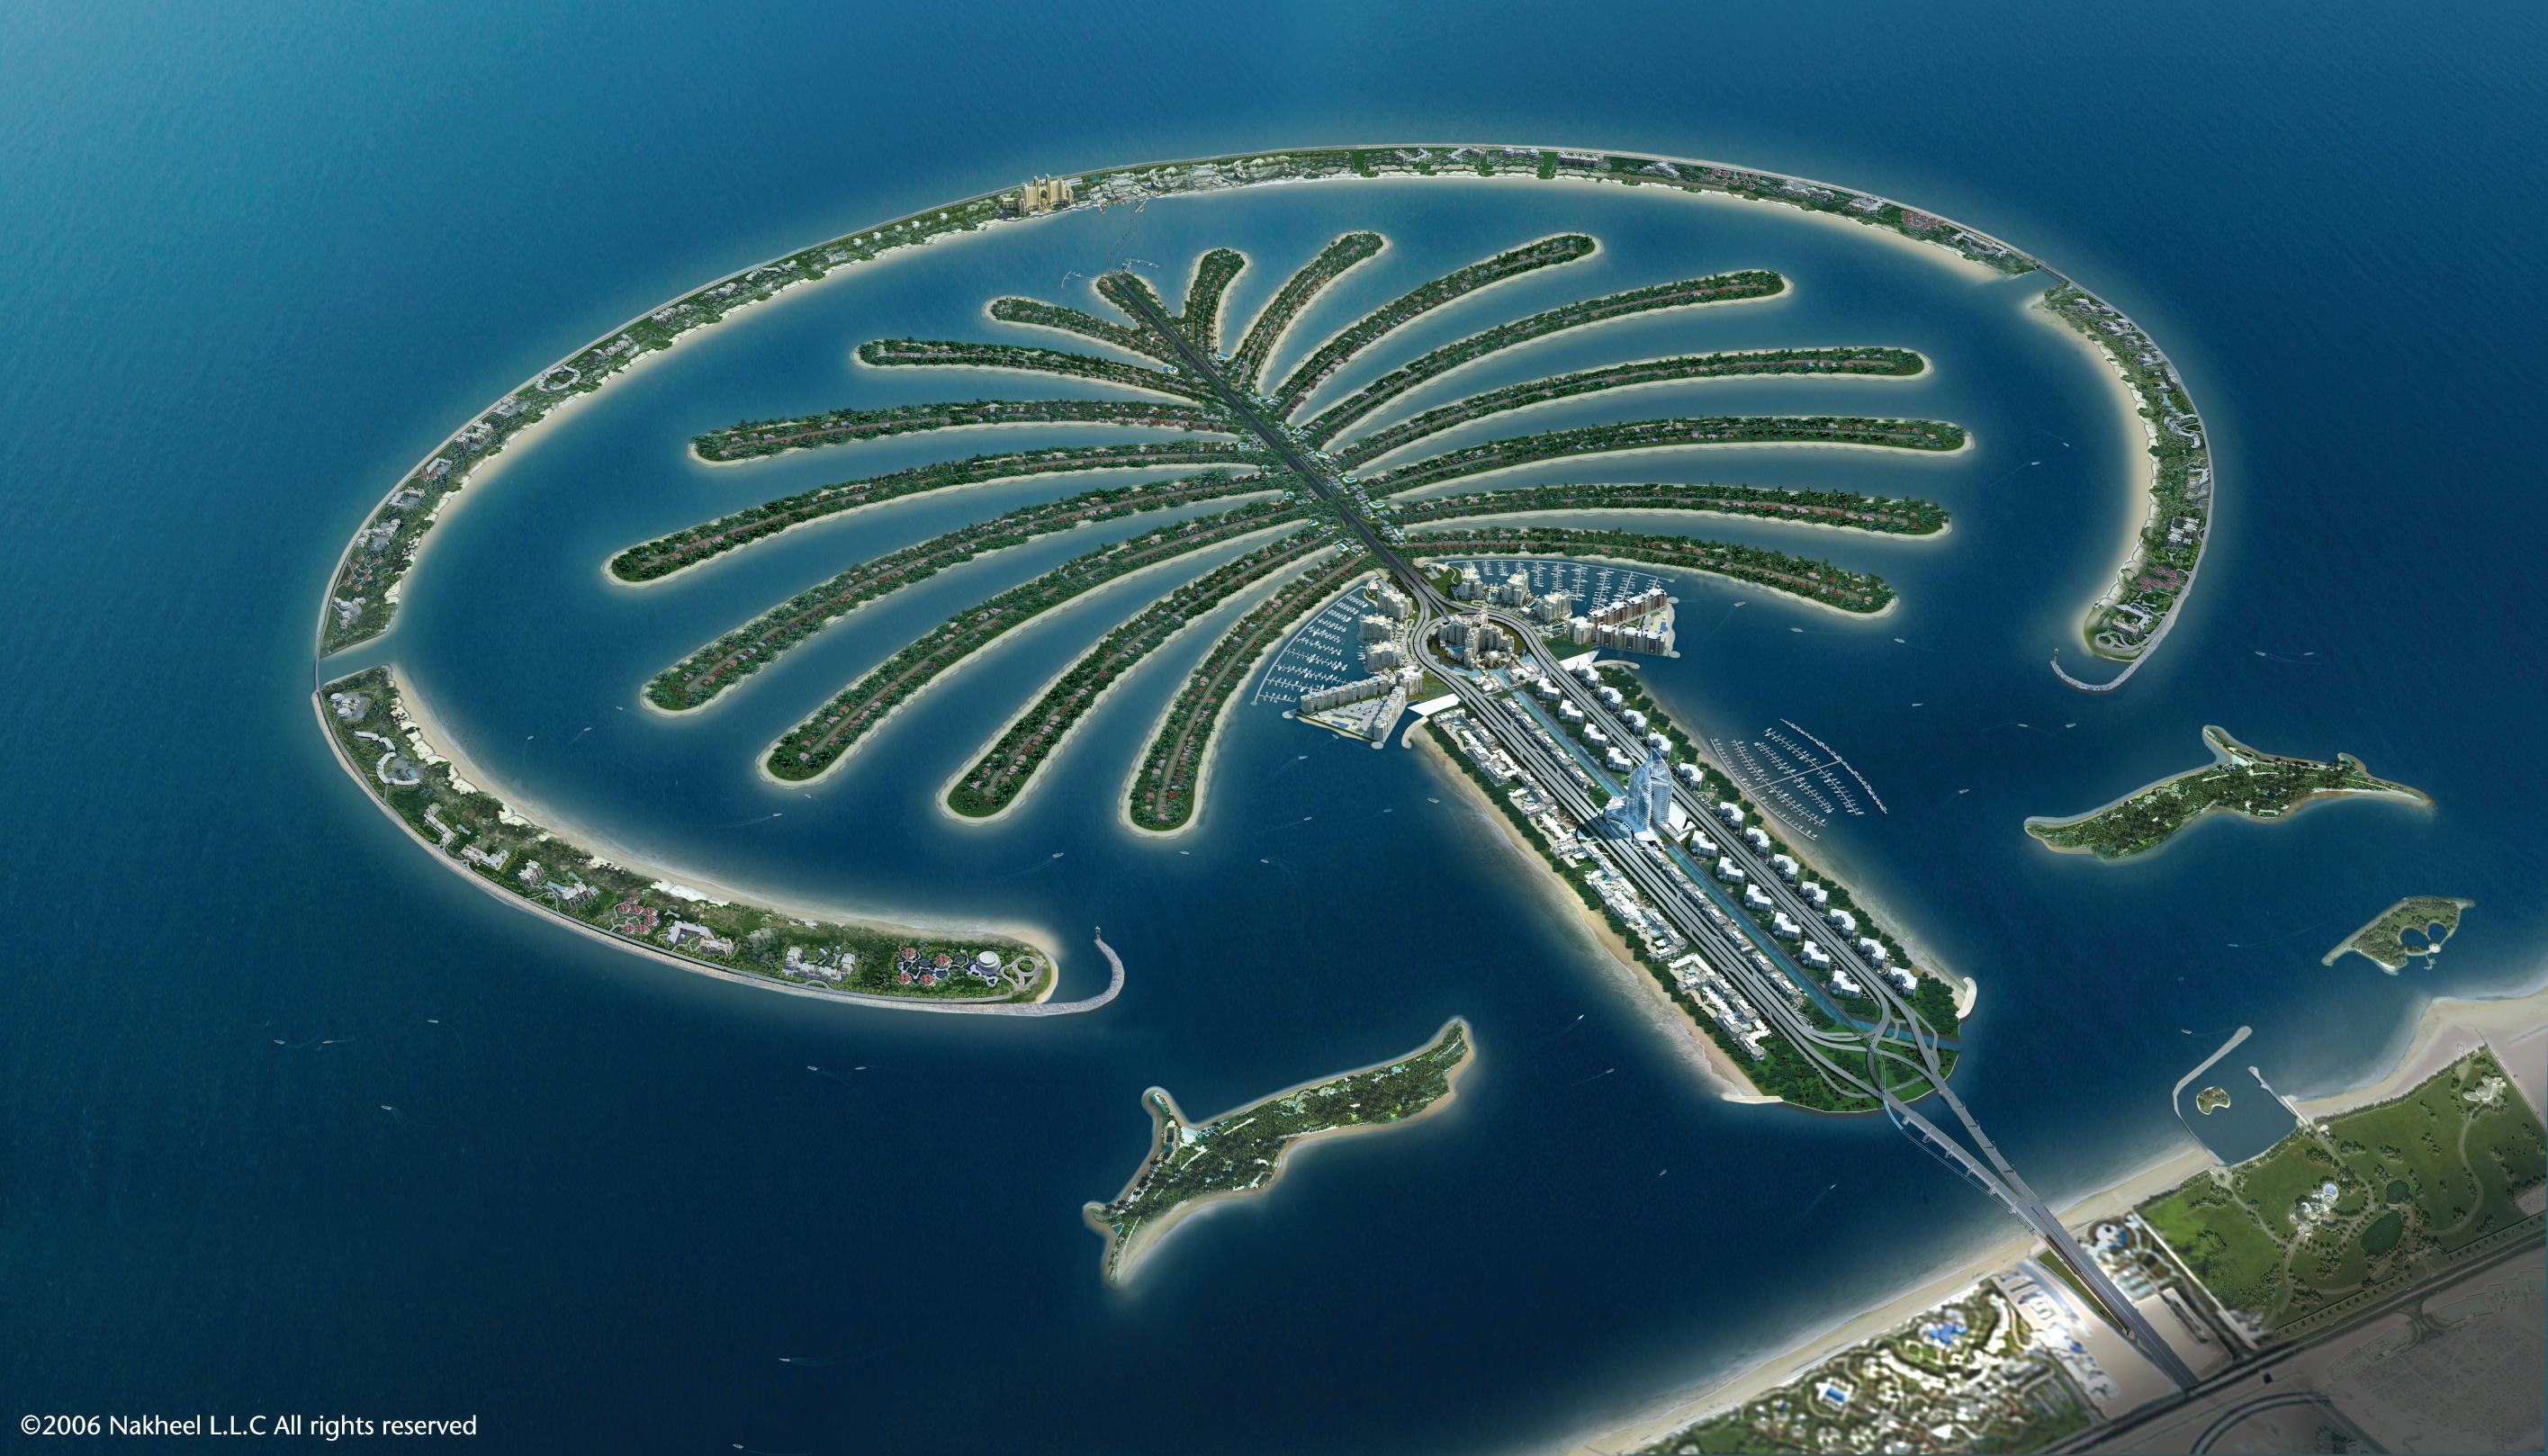 http://www.seaflex.net/case/palm-jumeirah/